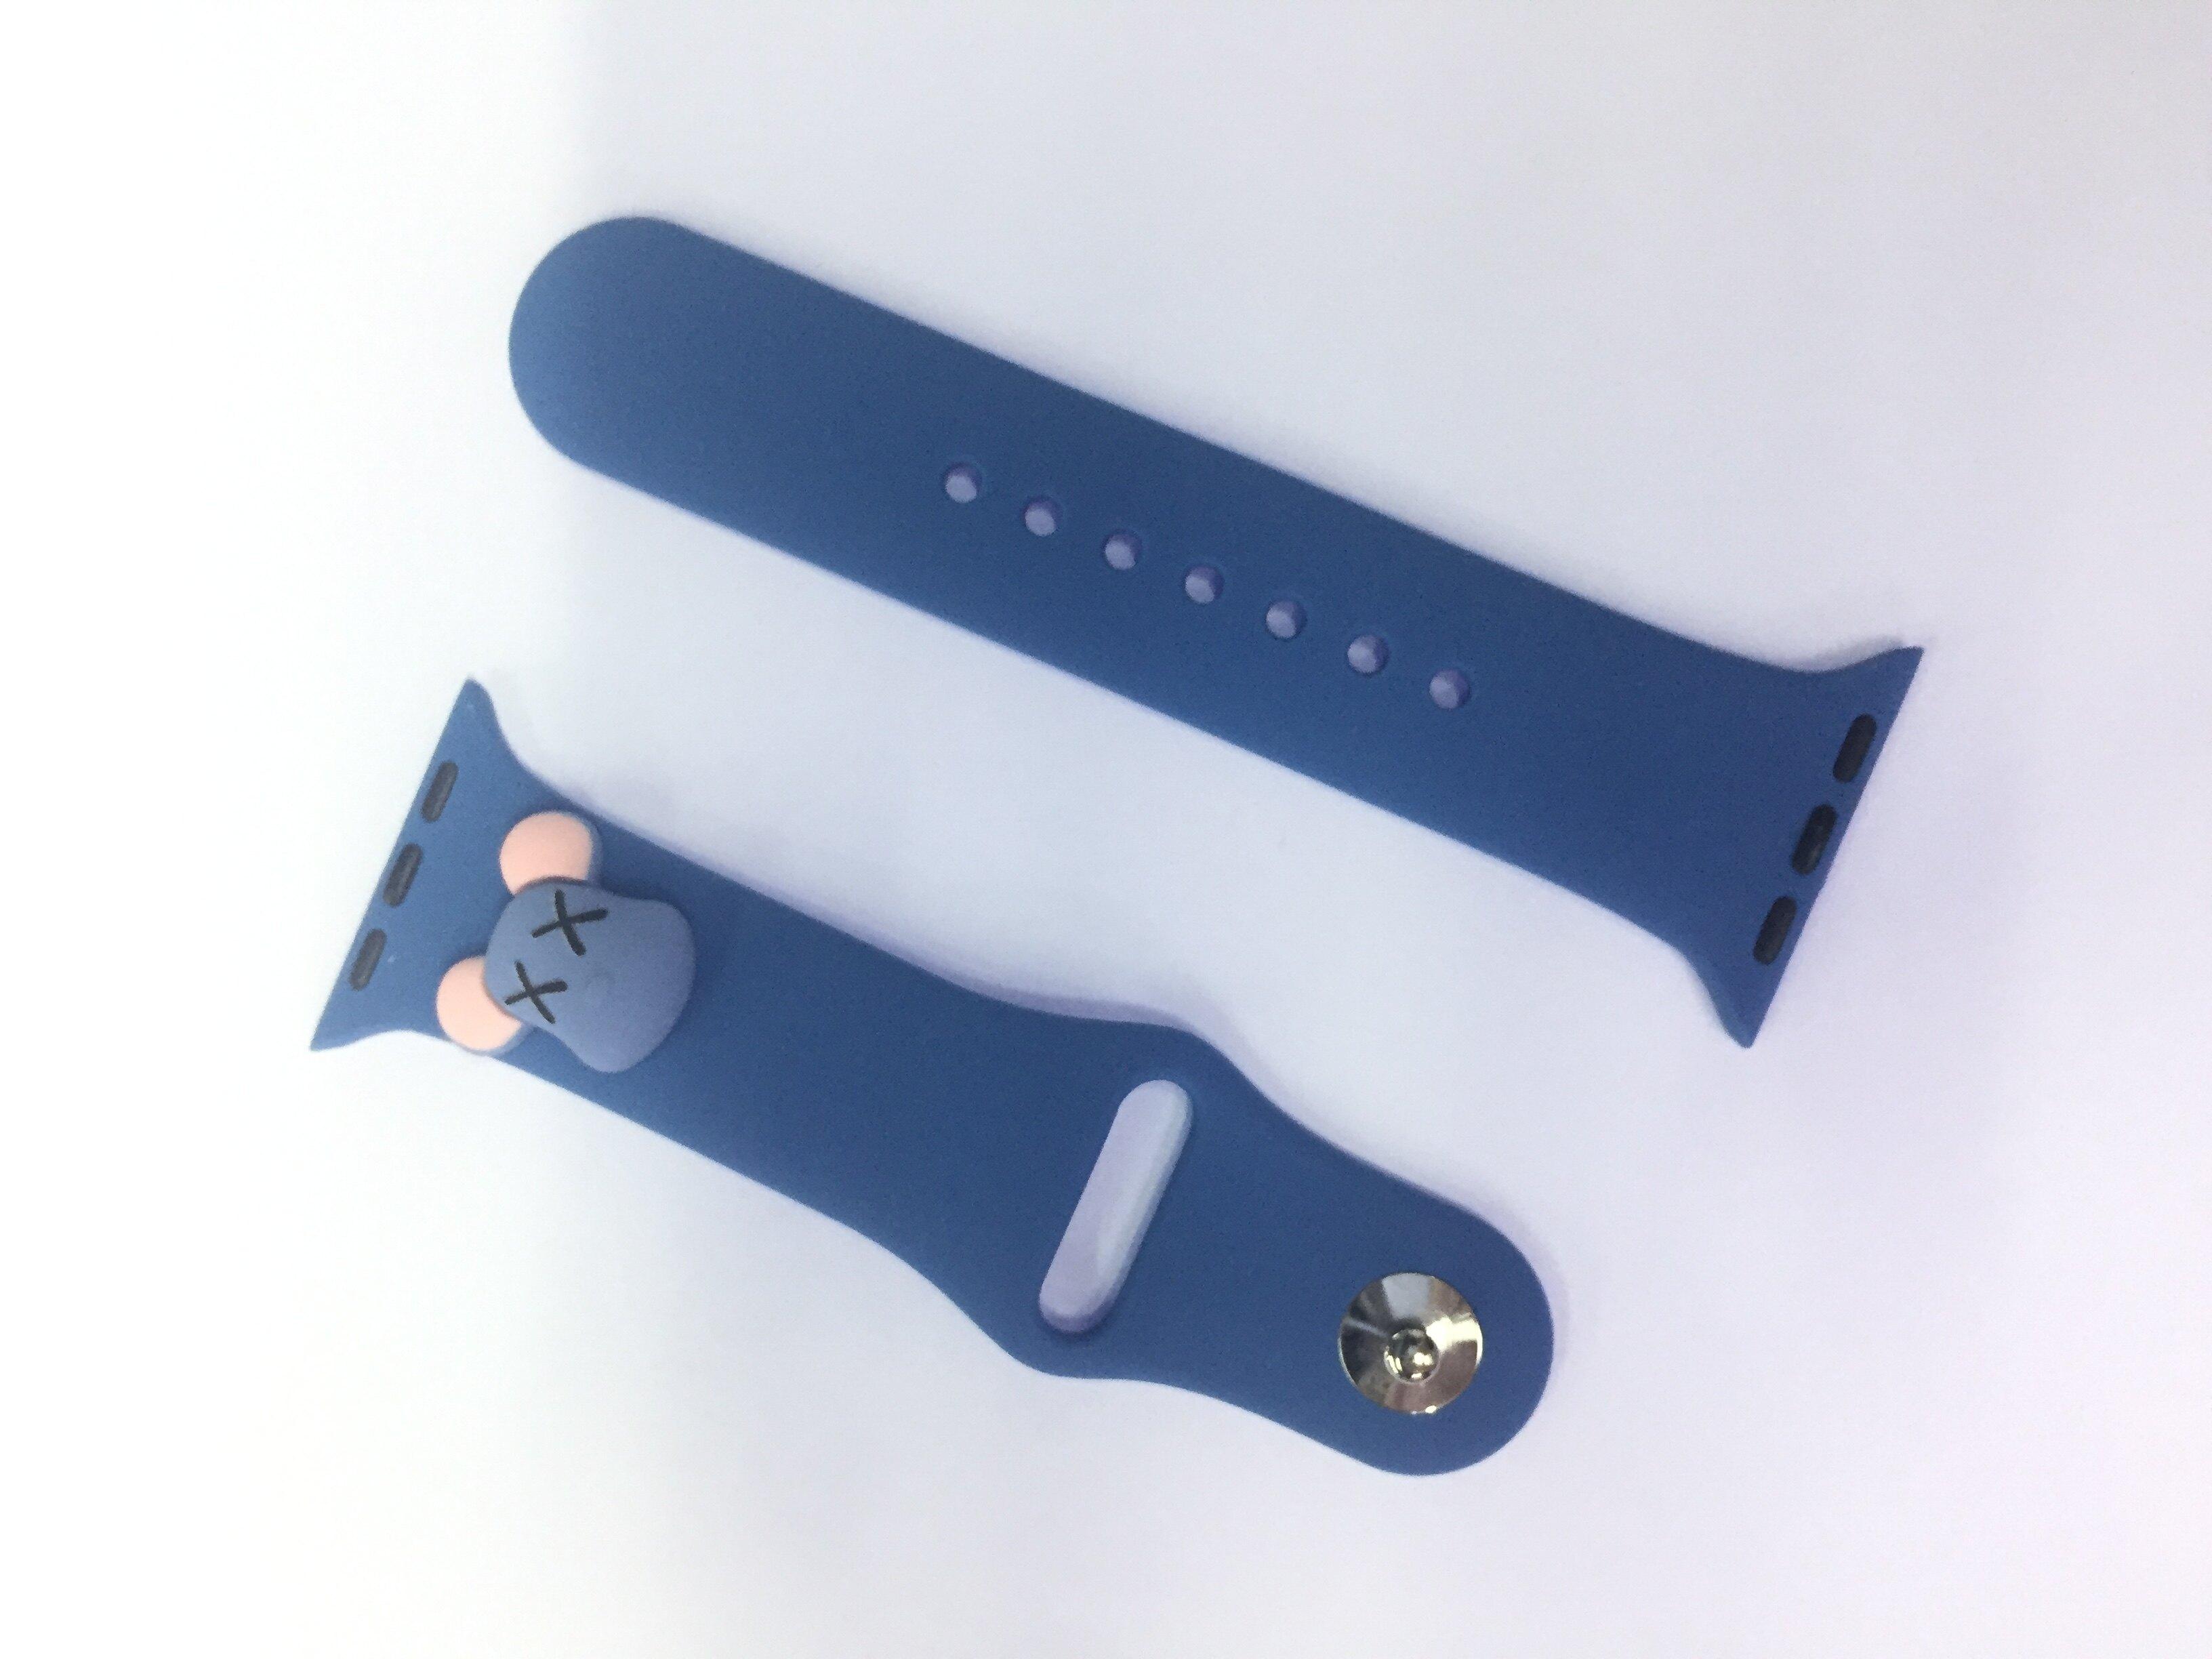 สายนาฬิกา การ์ตูน 38/40/42/44 ซิริโคน แบบสั้น ใช้ได้กันสมาร์ทวอร์ชapple watch w55 w56 t500 t5+ ft50 f28 w88 y60 x16 t68 pro [YG GADGETS]